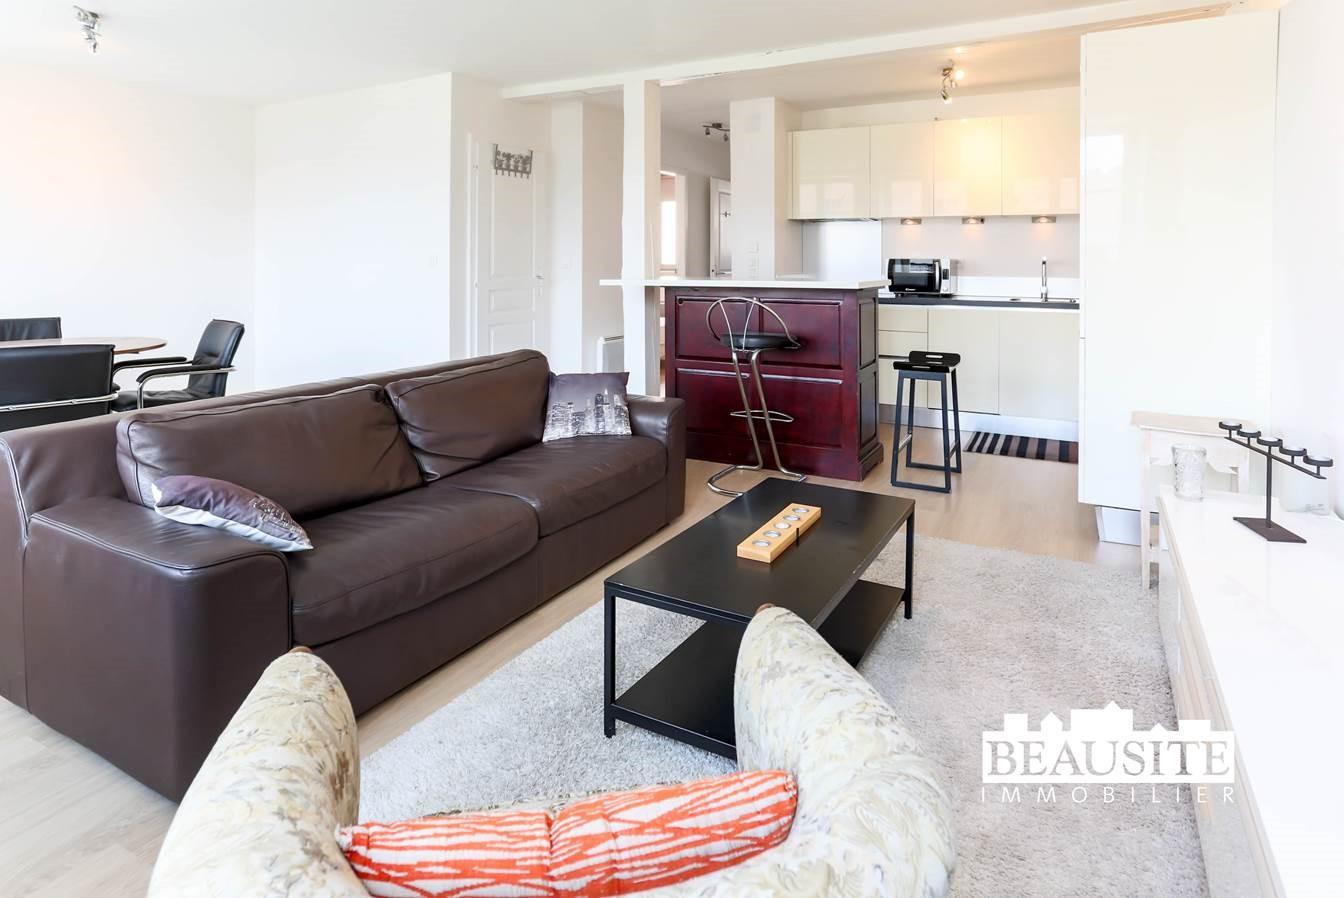 [Batelier] Magnifique 2 pièces meublé - Krutenau / Quai des Bateliers - nos locations - Beausite Immobilier 2